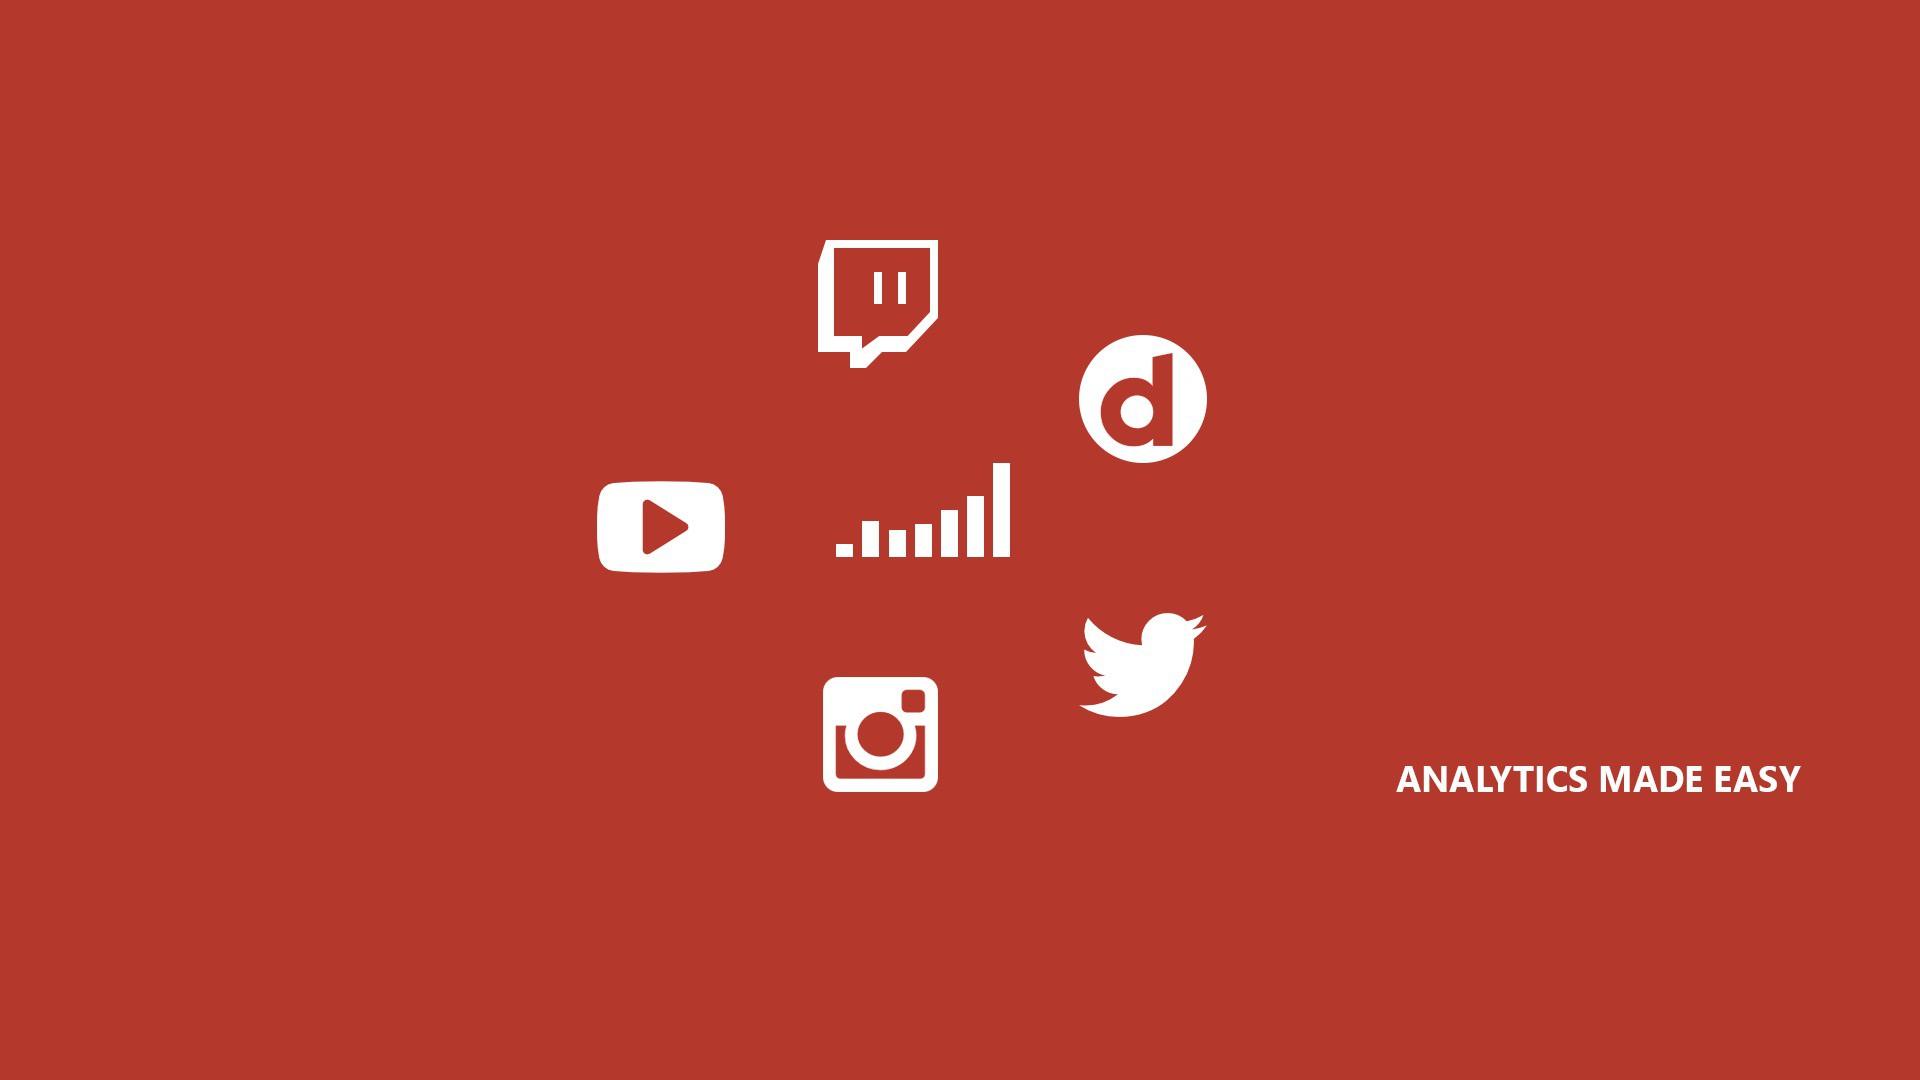 Trước nạn đua sub và hô hào bỏ đăng ký, YouTube sẽ đổi cơ chế subscribe theo cách chưa từng có - Ảnh 2.